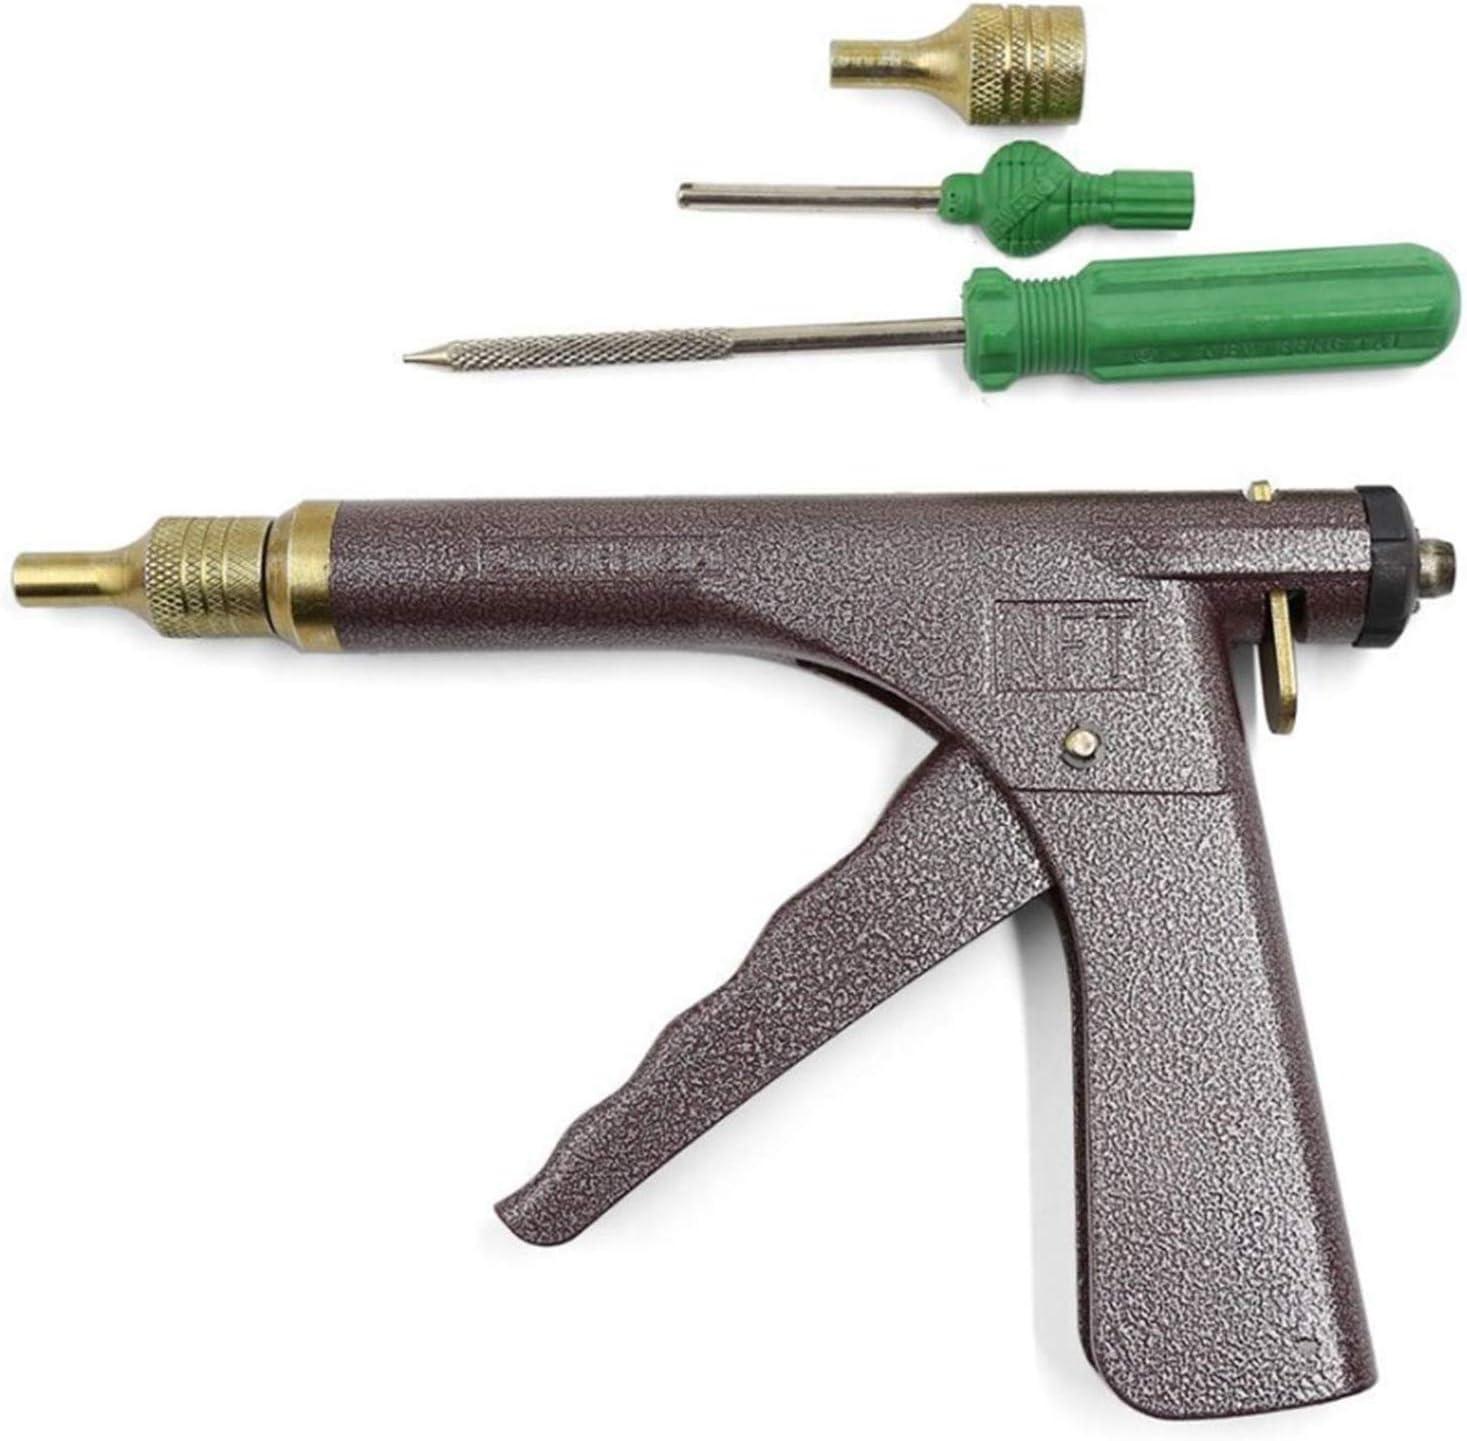 MRCARTOOL Pistolet de gonflage /à Ressort sans Chambre /à air pour r/éparation de Pneu de Voiture avec Bouchon Champignon